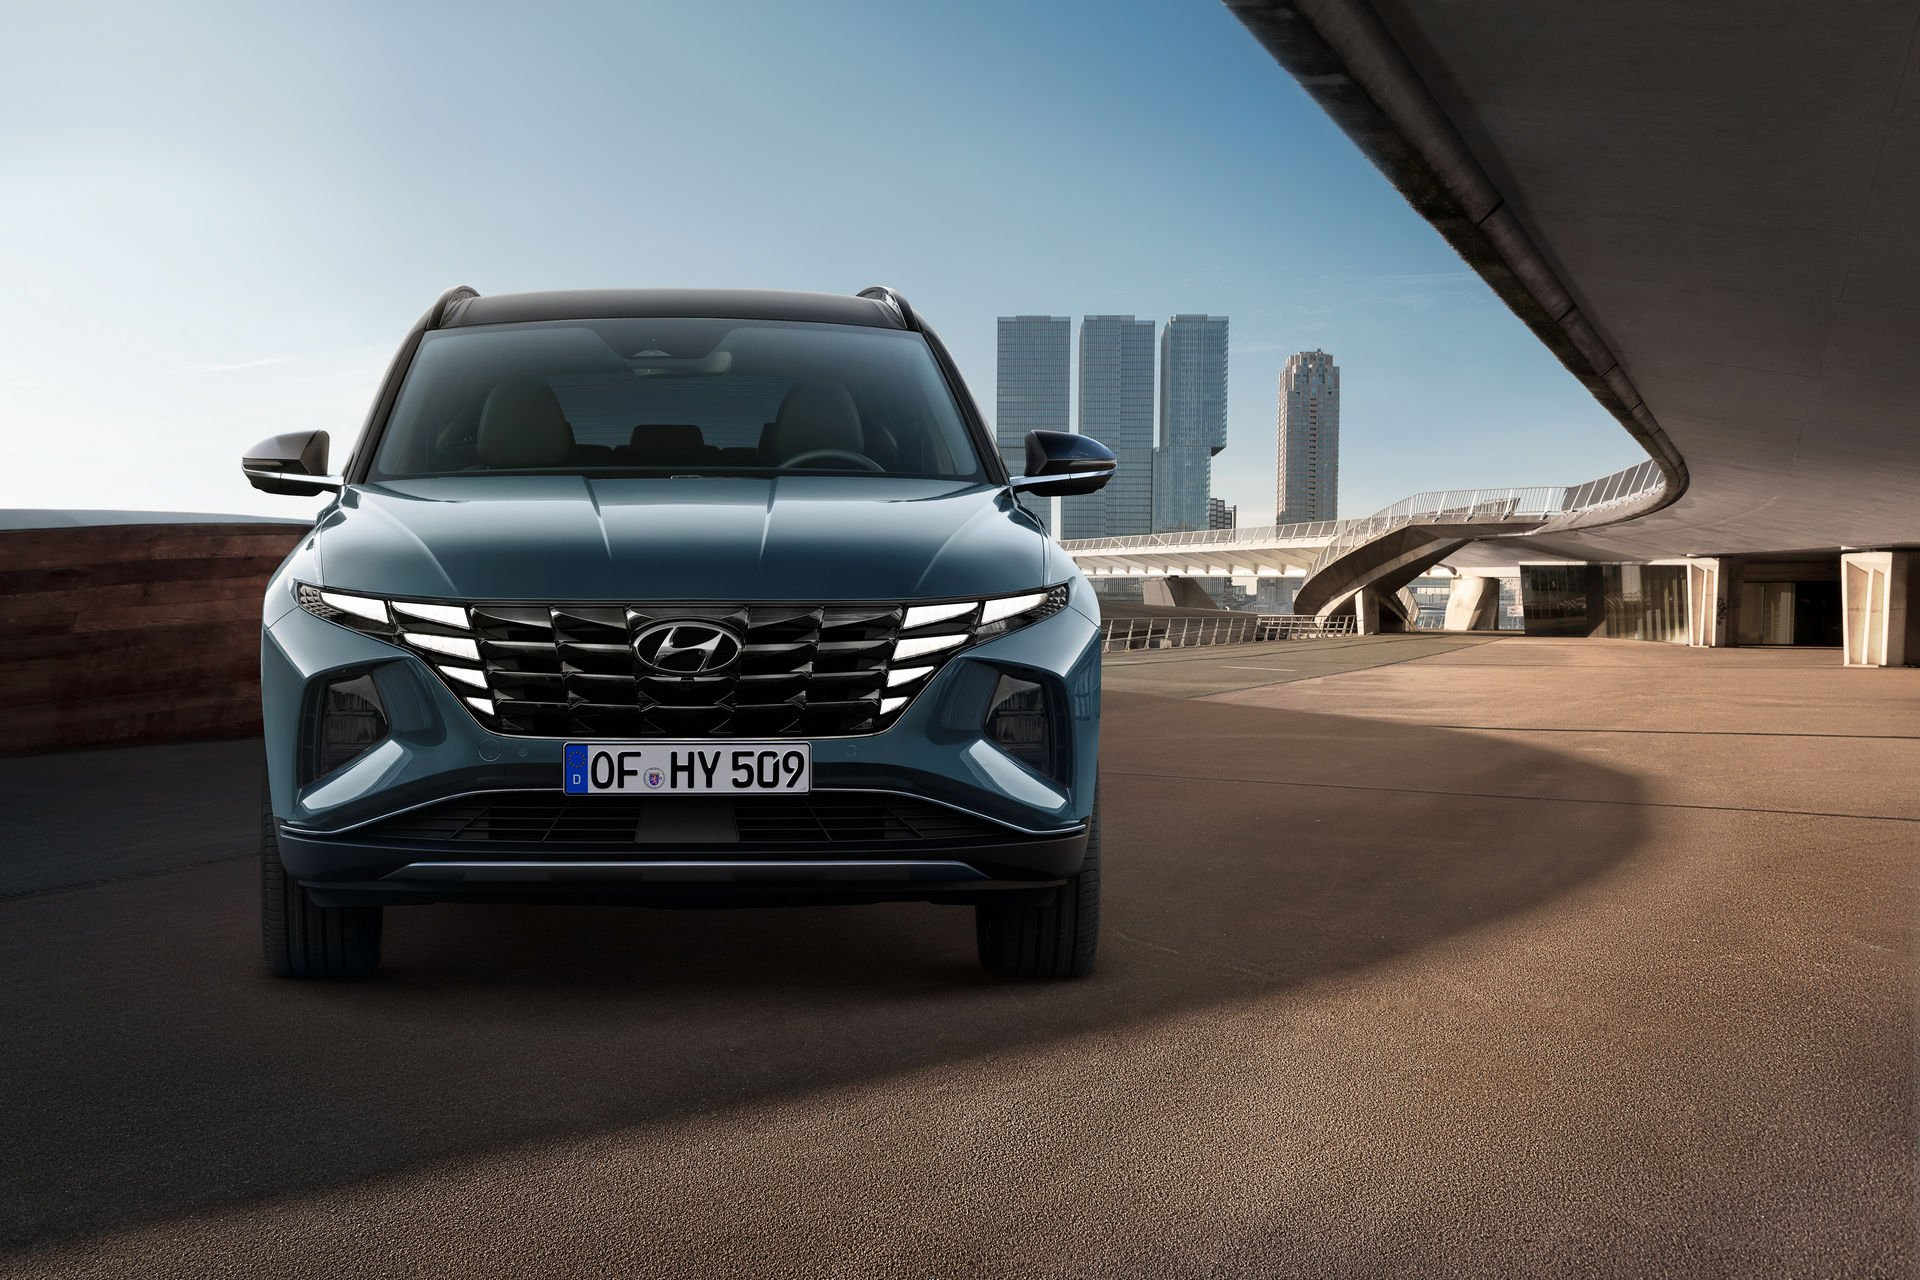 Новый кроссовер Hyundai Tucson делает ставку на радикальный дизайн